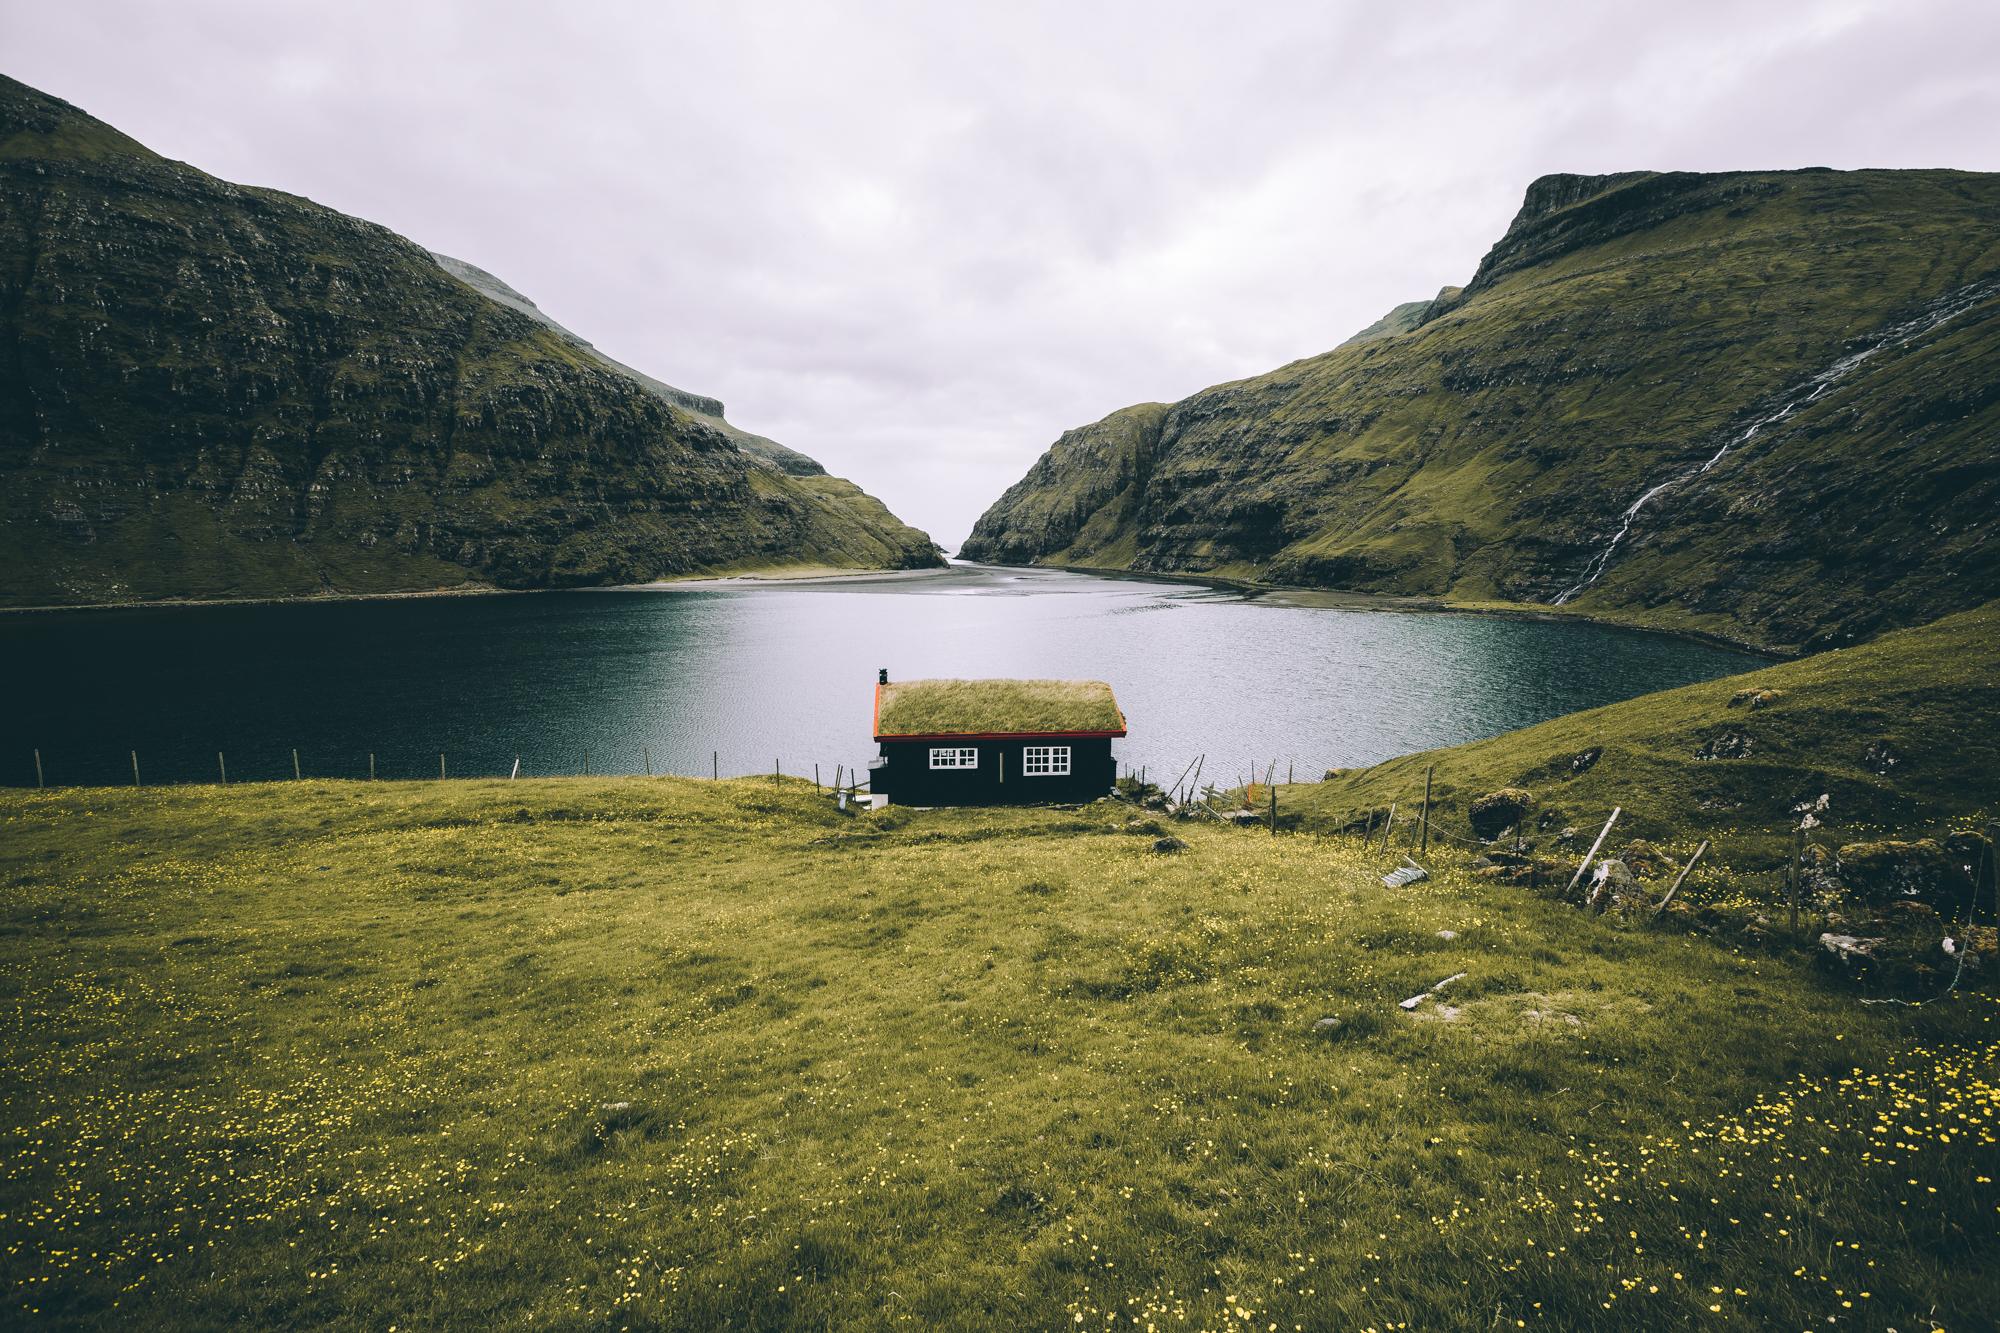 Cottage in the Faroe Islands, seascape